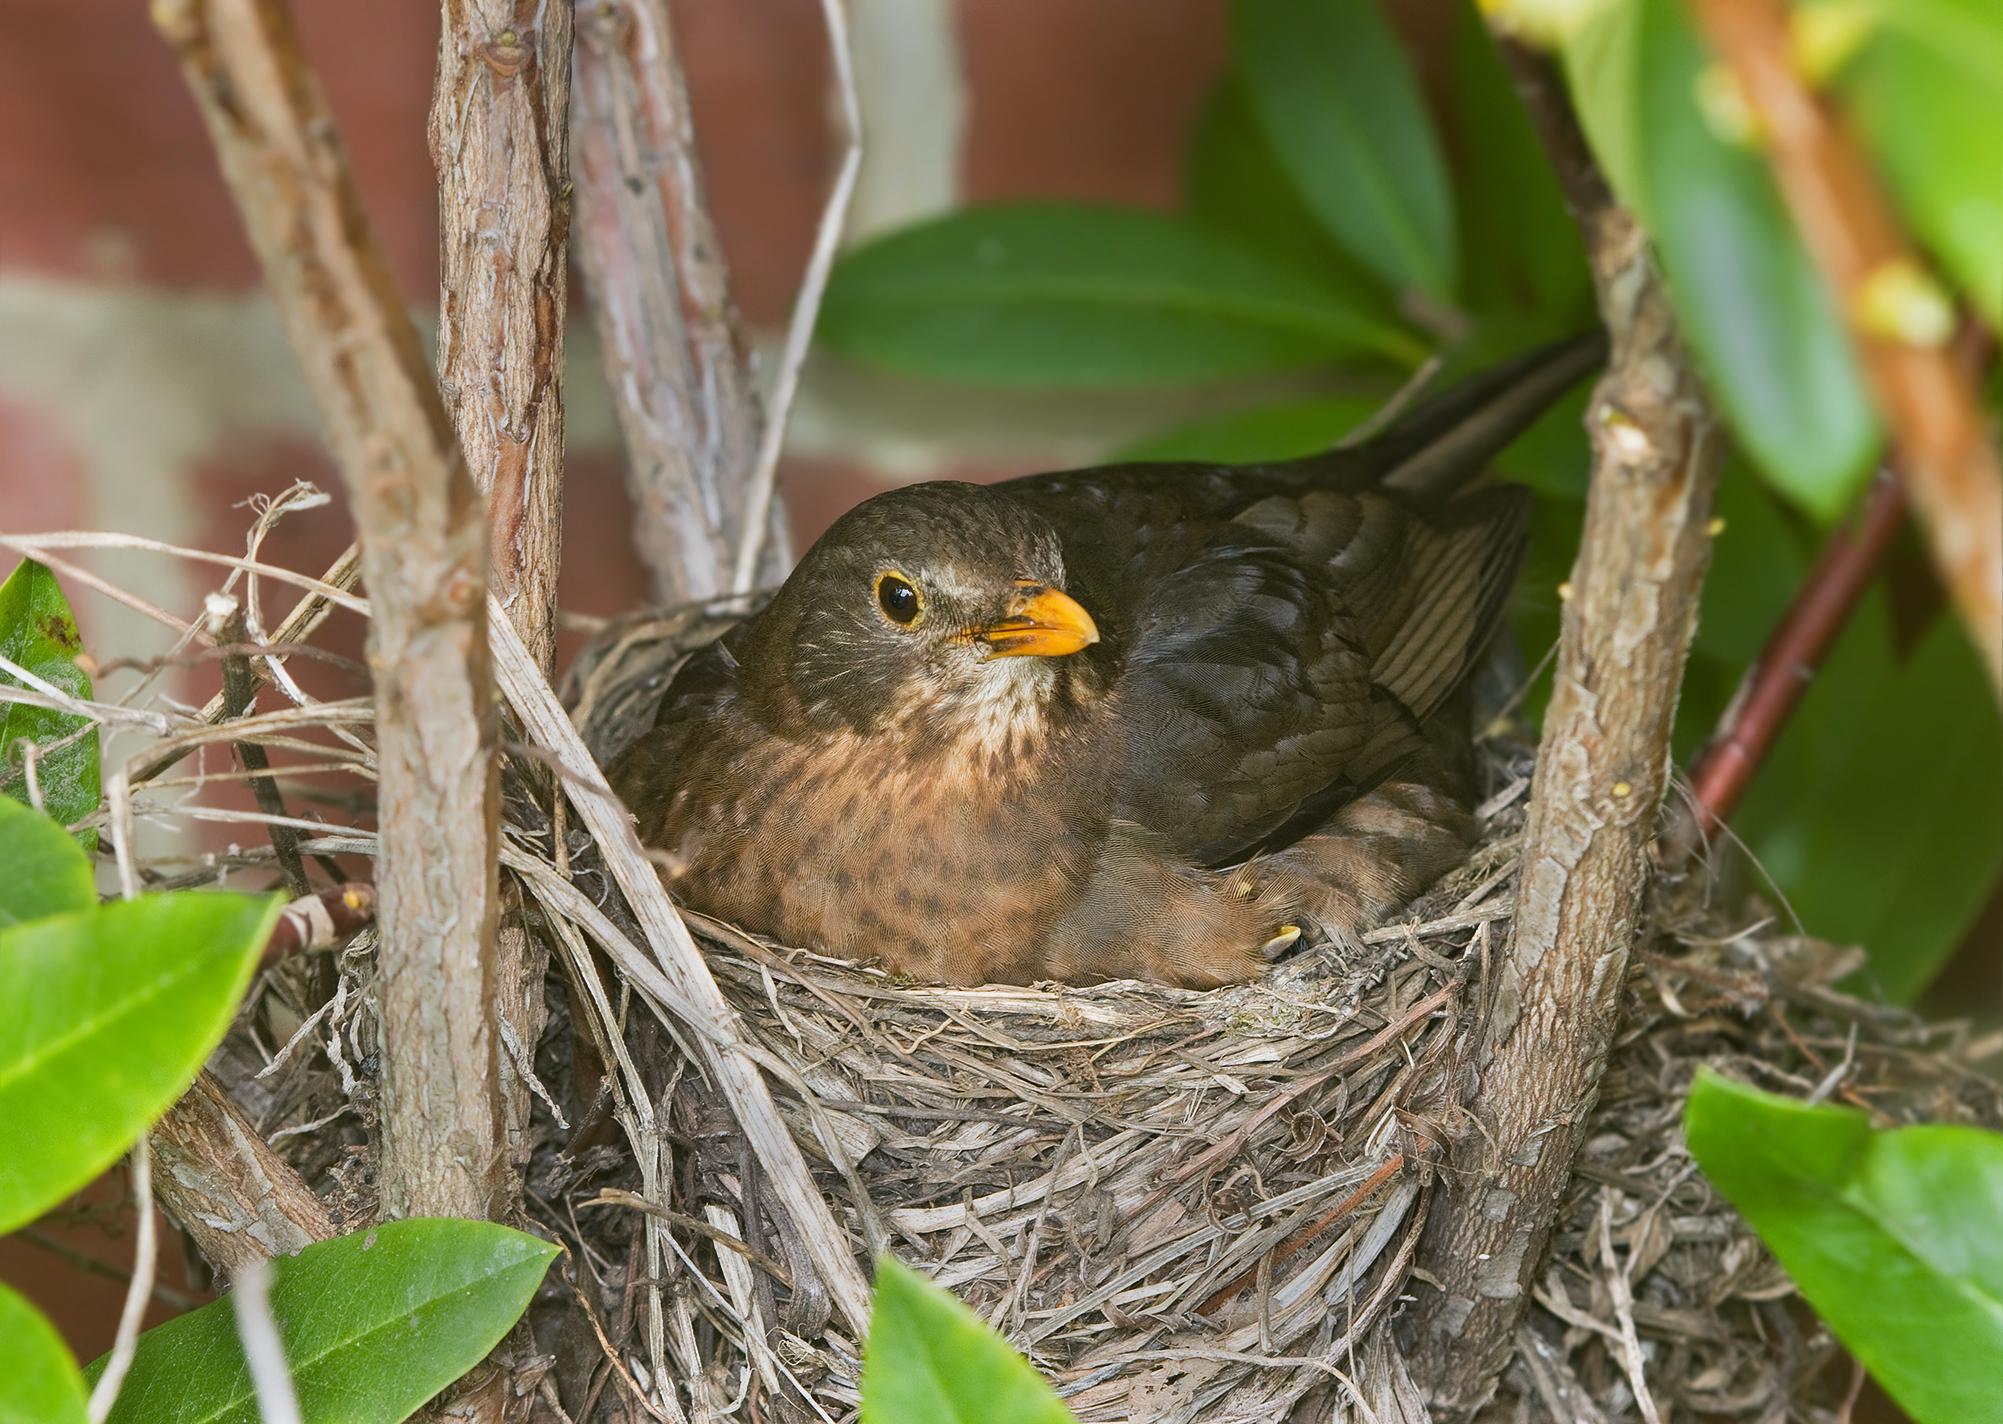 Bird nest - Wikipedia